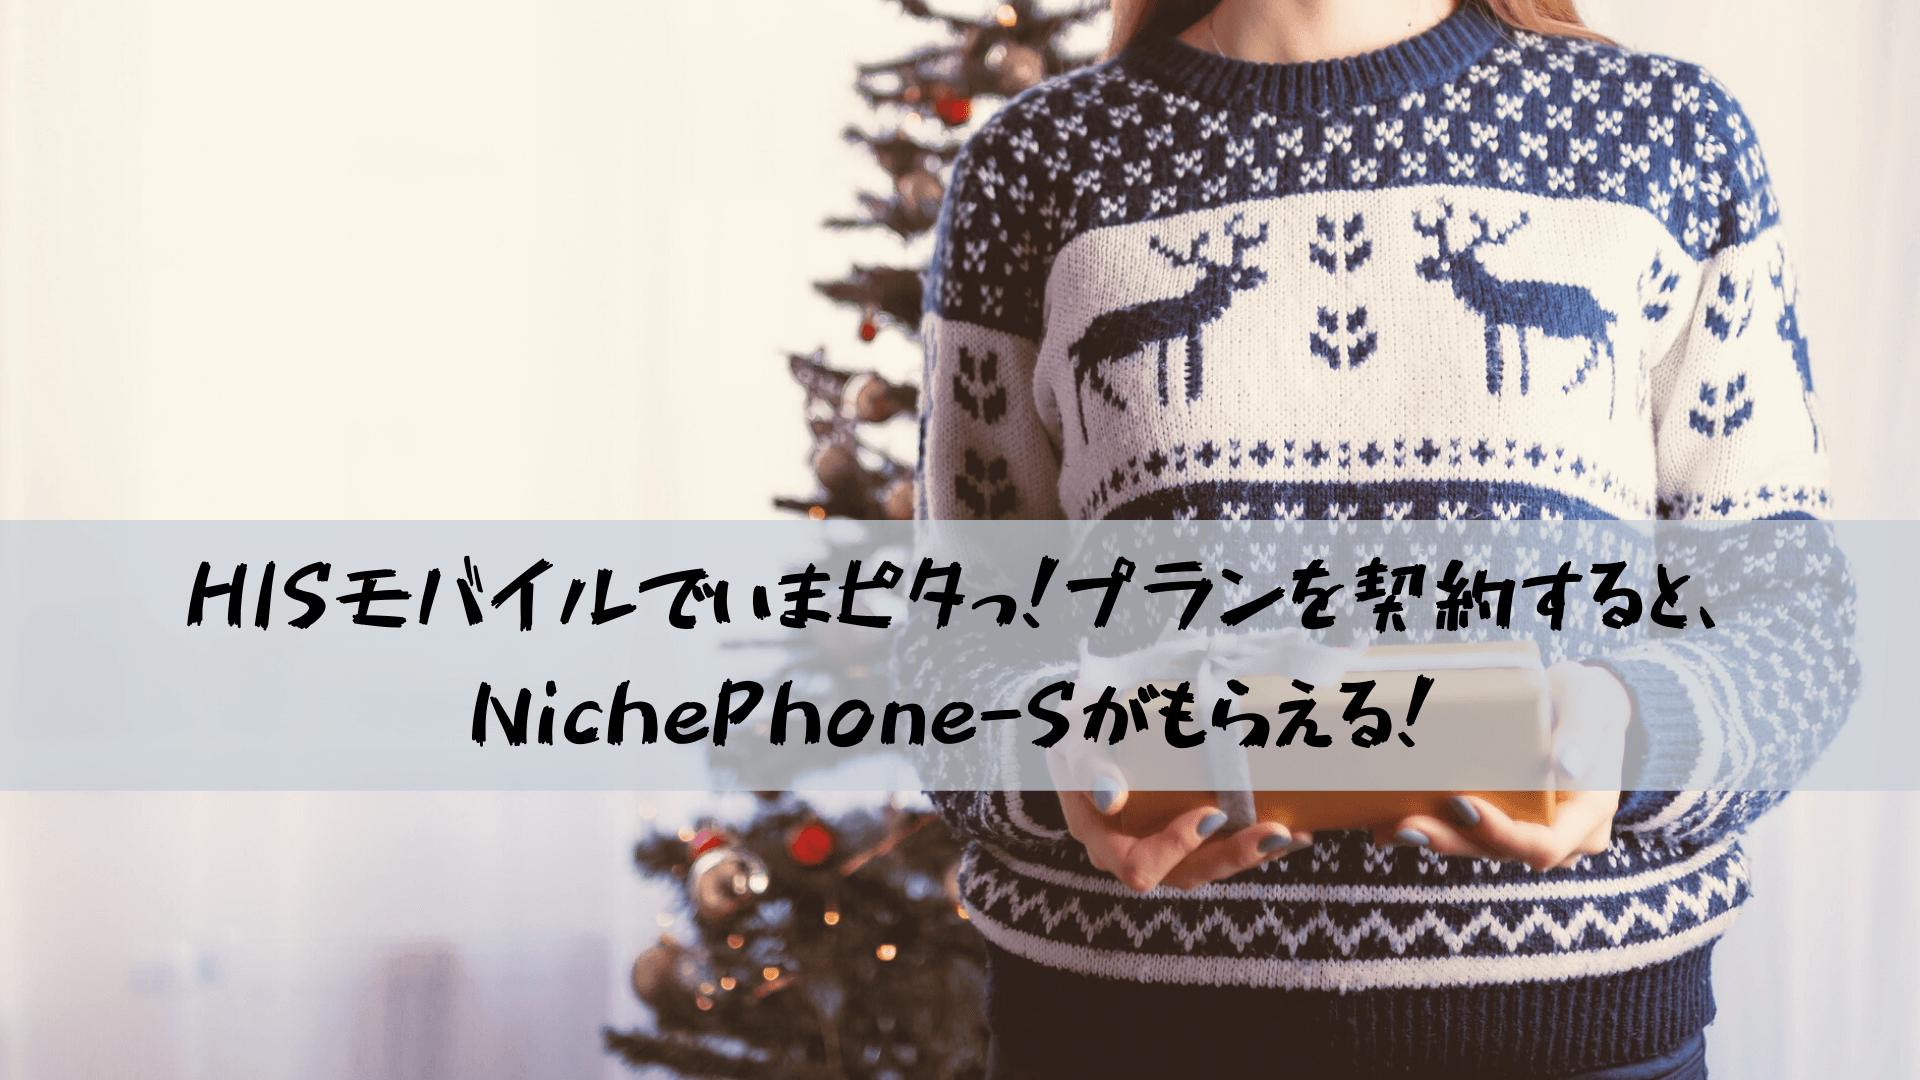 HISモバイルでいまピタっ!プランを契約すると、NichePhone-Sがもらえる!